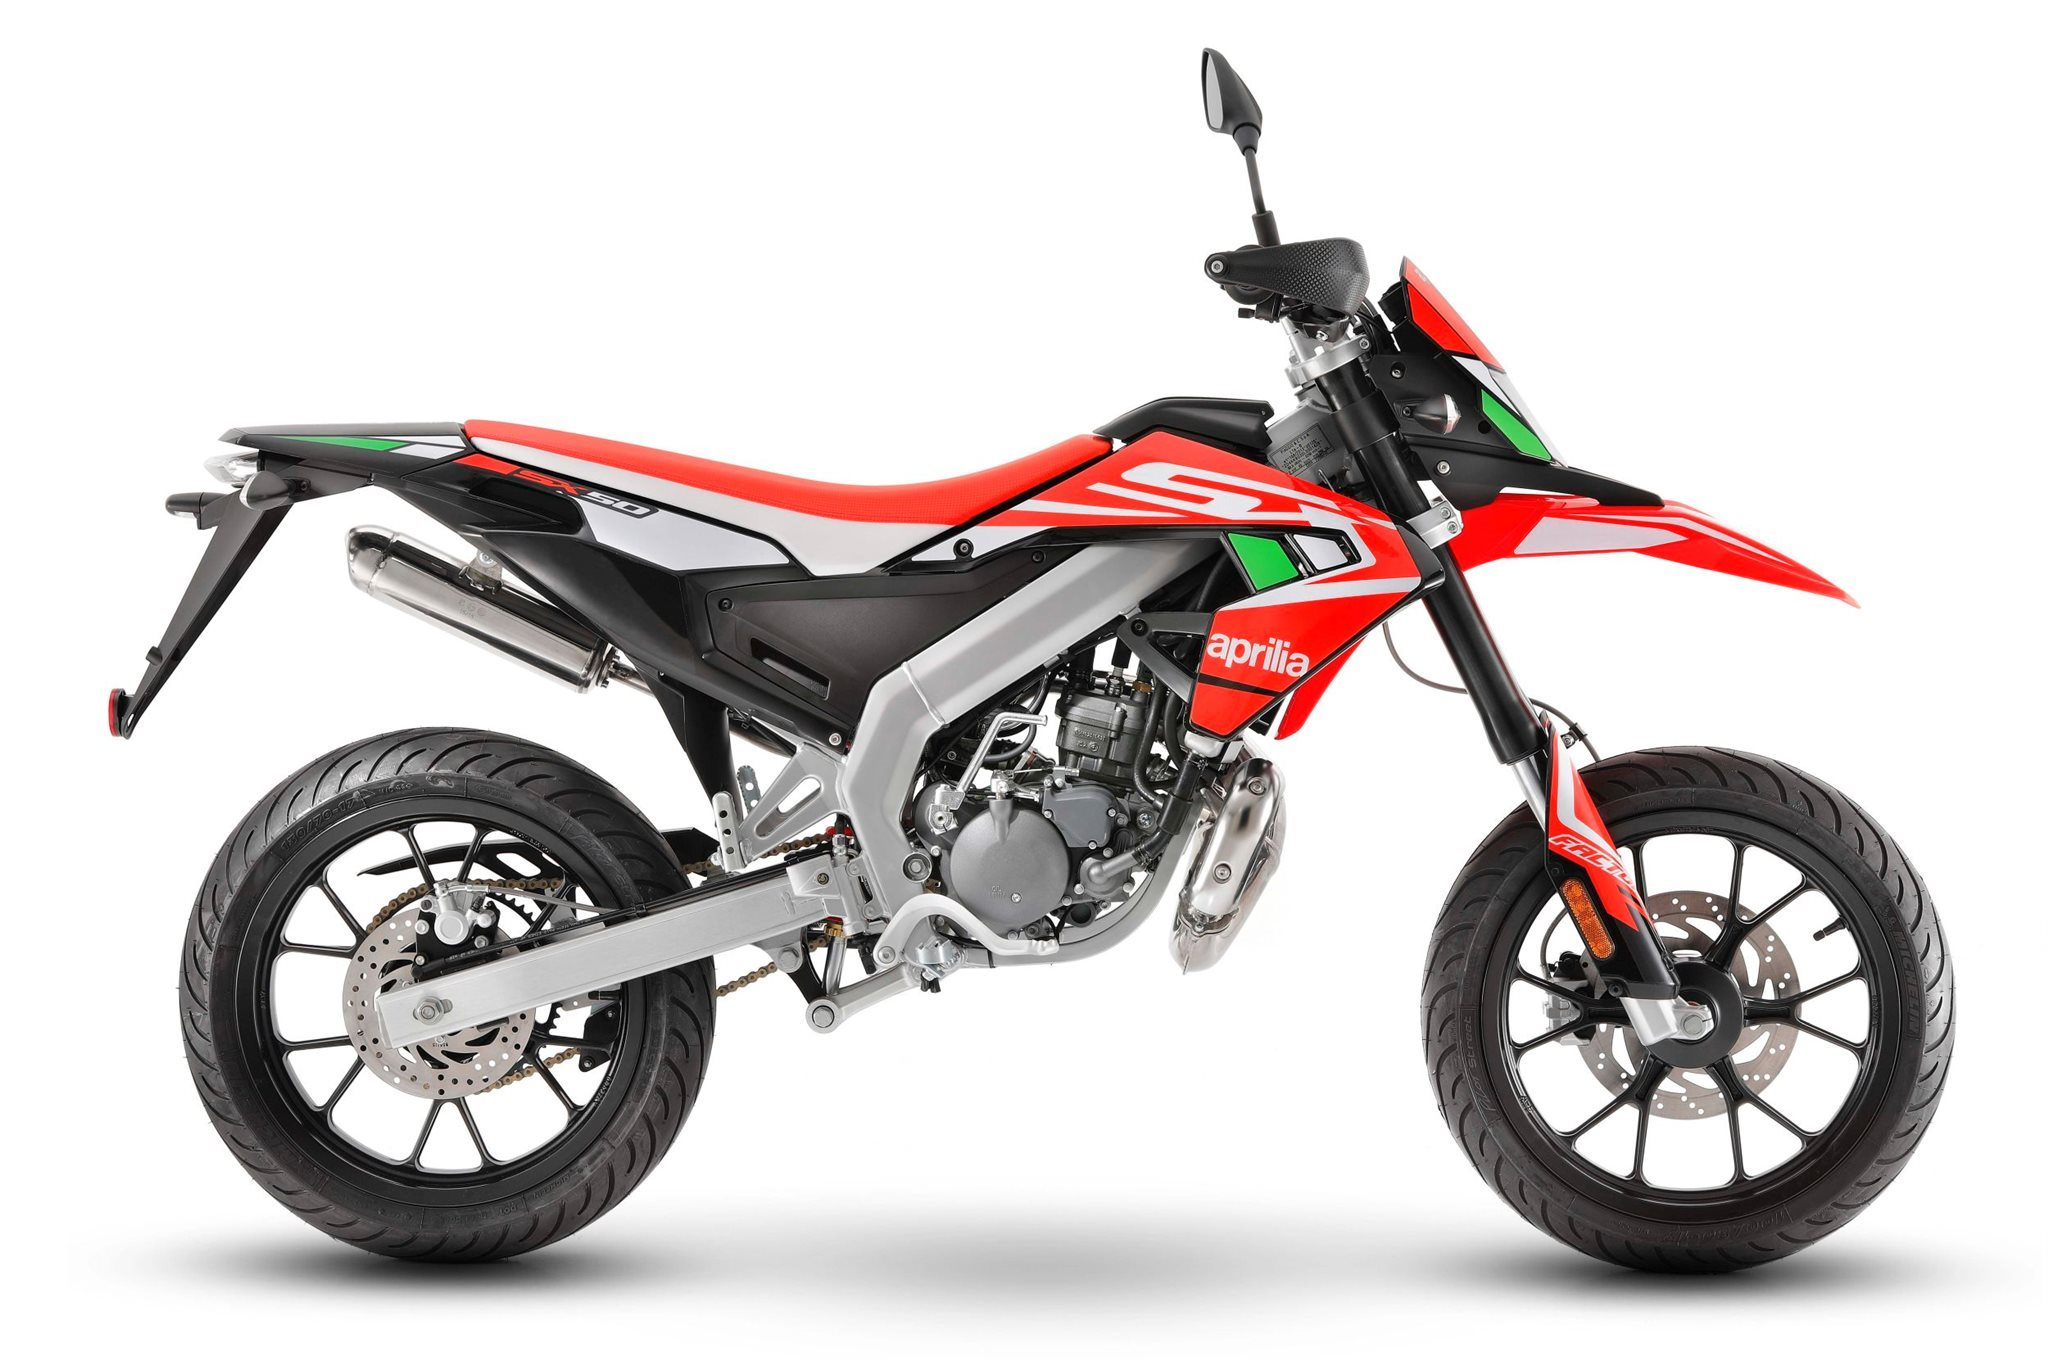 Laverda SX 50 Supermoto Motorrad, neu